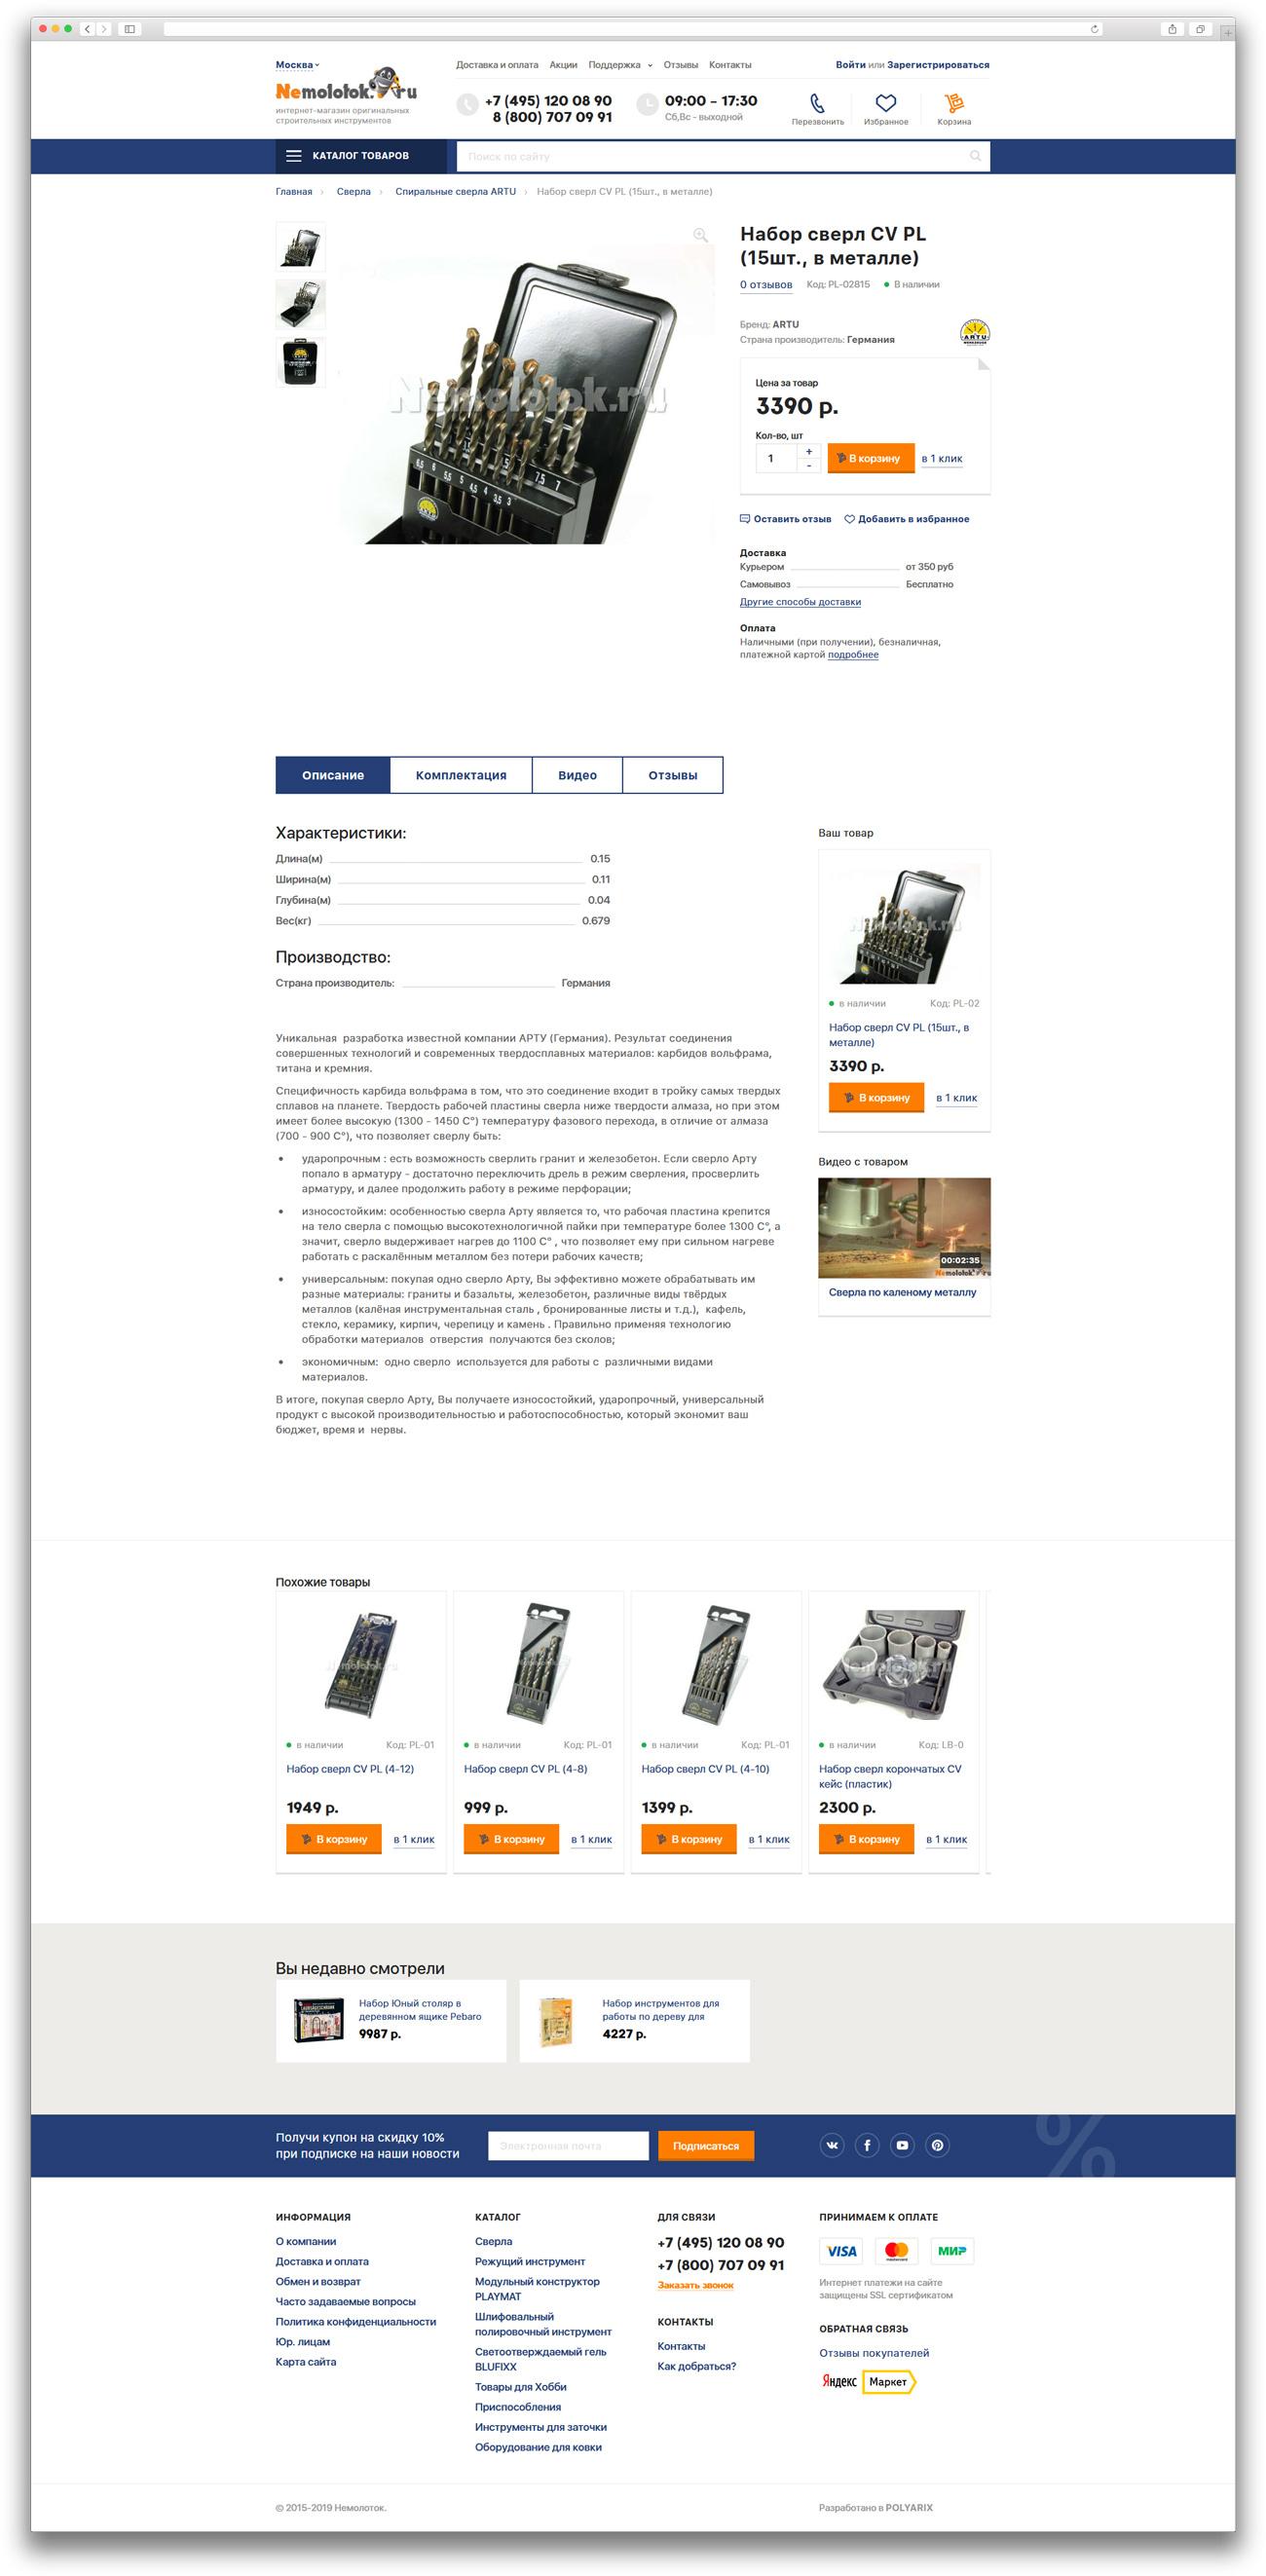 nemolotok.ru - интернет магазин товаров для хобби и творчества + SEO